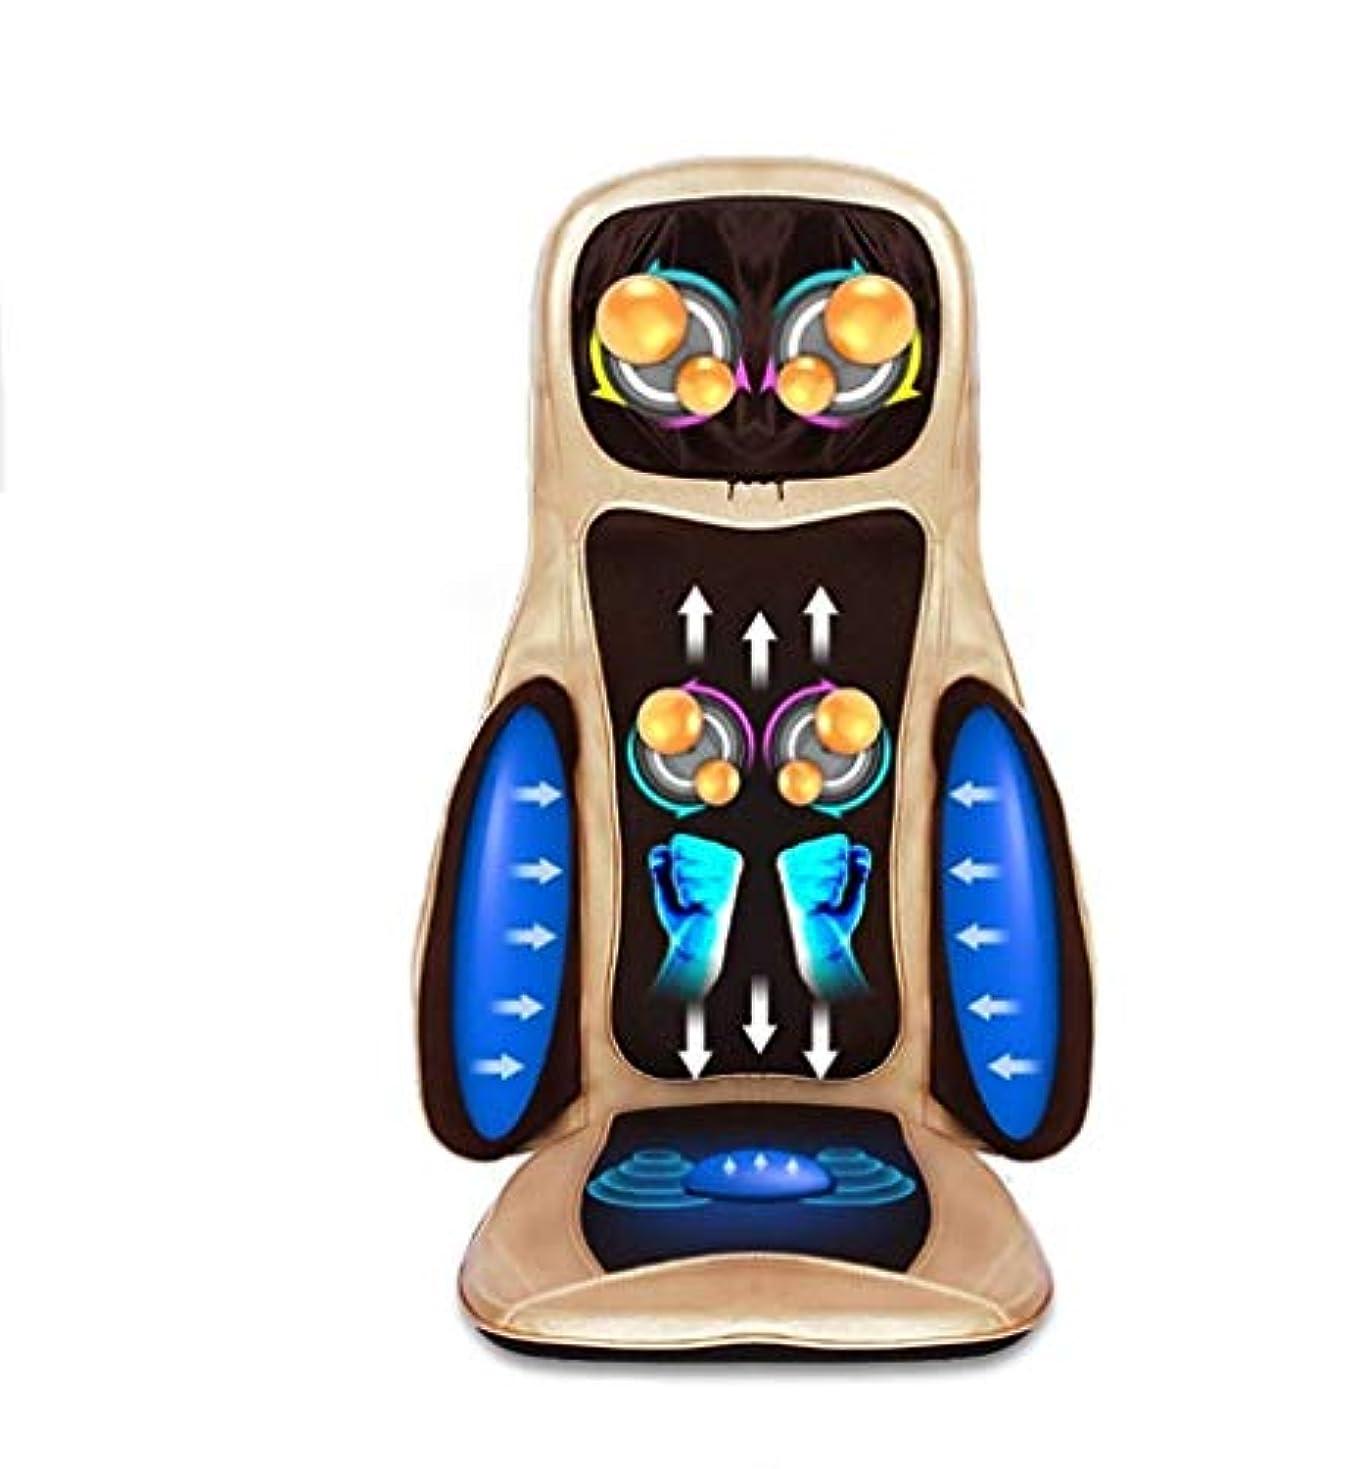 形ベーシック文句を言うカーマッサージクッション、多機能マッサージクッション、ホームオフィスマッサージャー、全身マッサージマシンの深い混練、熱振動、体の痛みや疲労を軽減